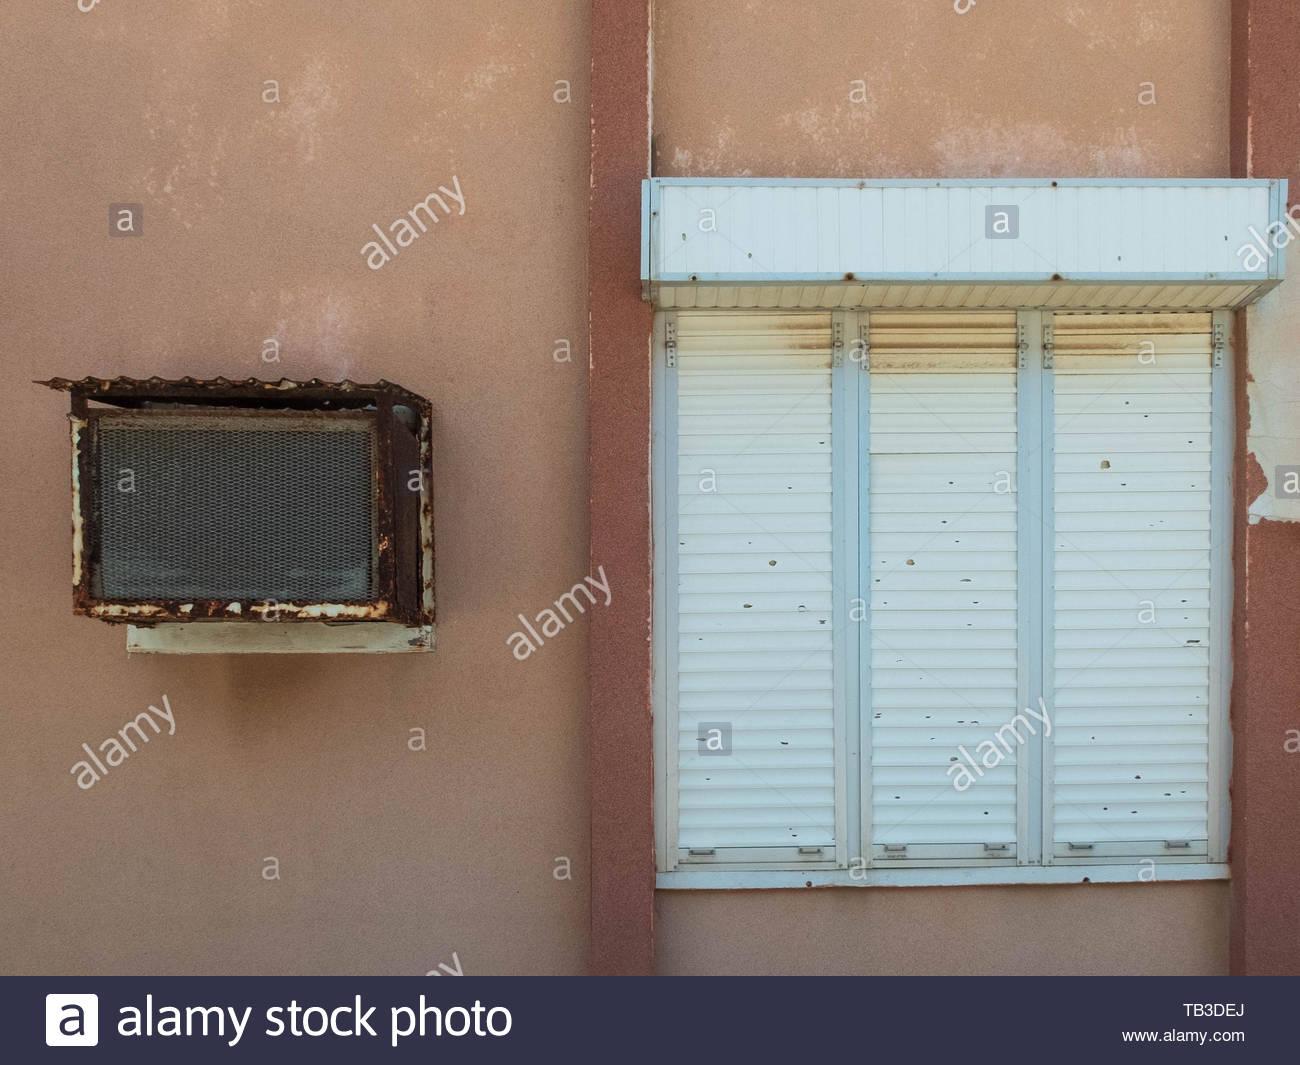 Full Size of Fenster Klimaanlage Alte Und Mit Geschlossenen Rolling Maße Bodentief Sicherheitsfolie Schüko Polnische Integriertem Rollladen Zwangsbelüftung Nachrüsten Wohnzimmer Fenster Klimaanlage